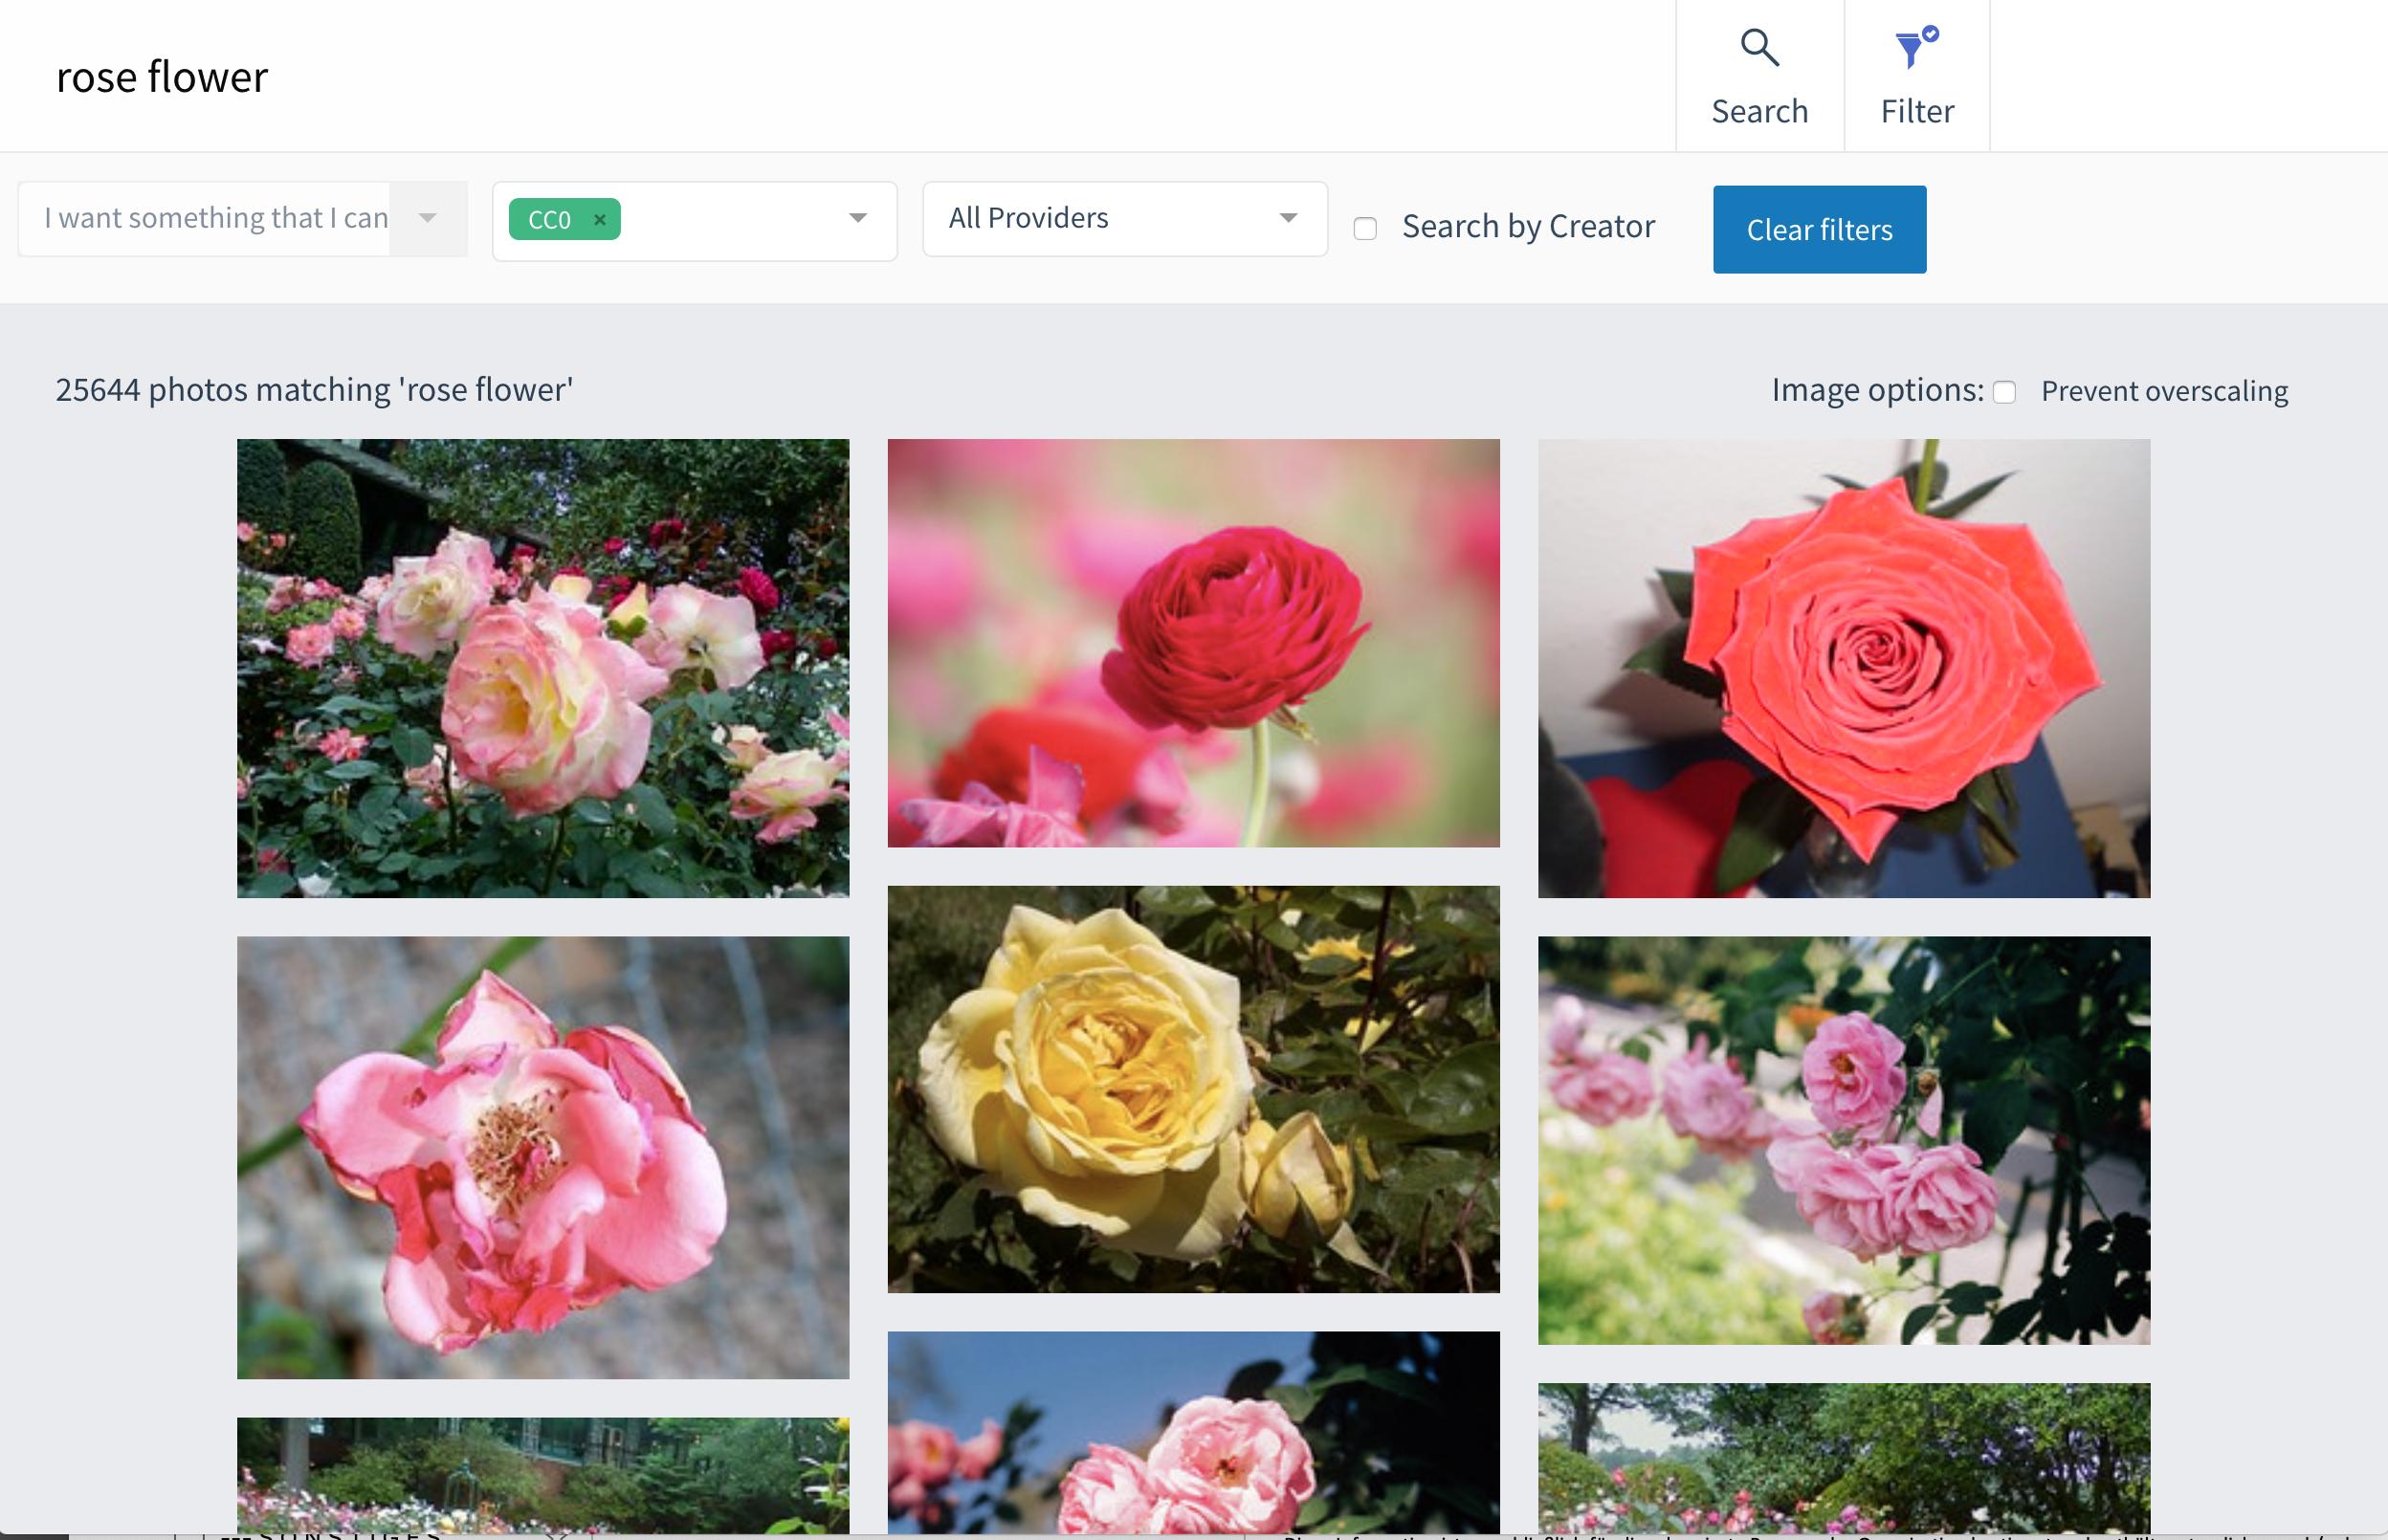 """Beispiel für das Ergebnis einer Suche nach """"rose flower"""" unter Verzicht auf alle urheberrechtlichen und verwandten Schutzrechte"""